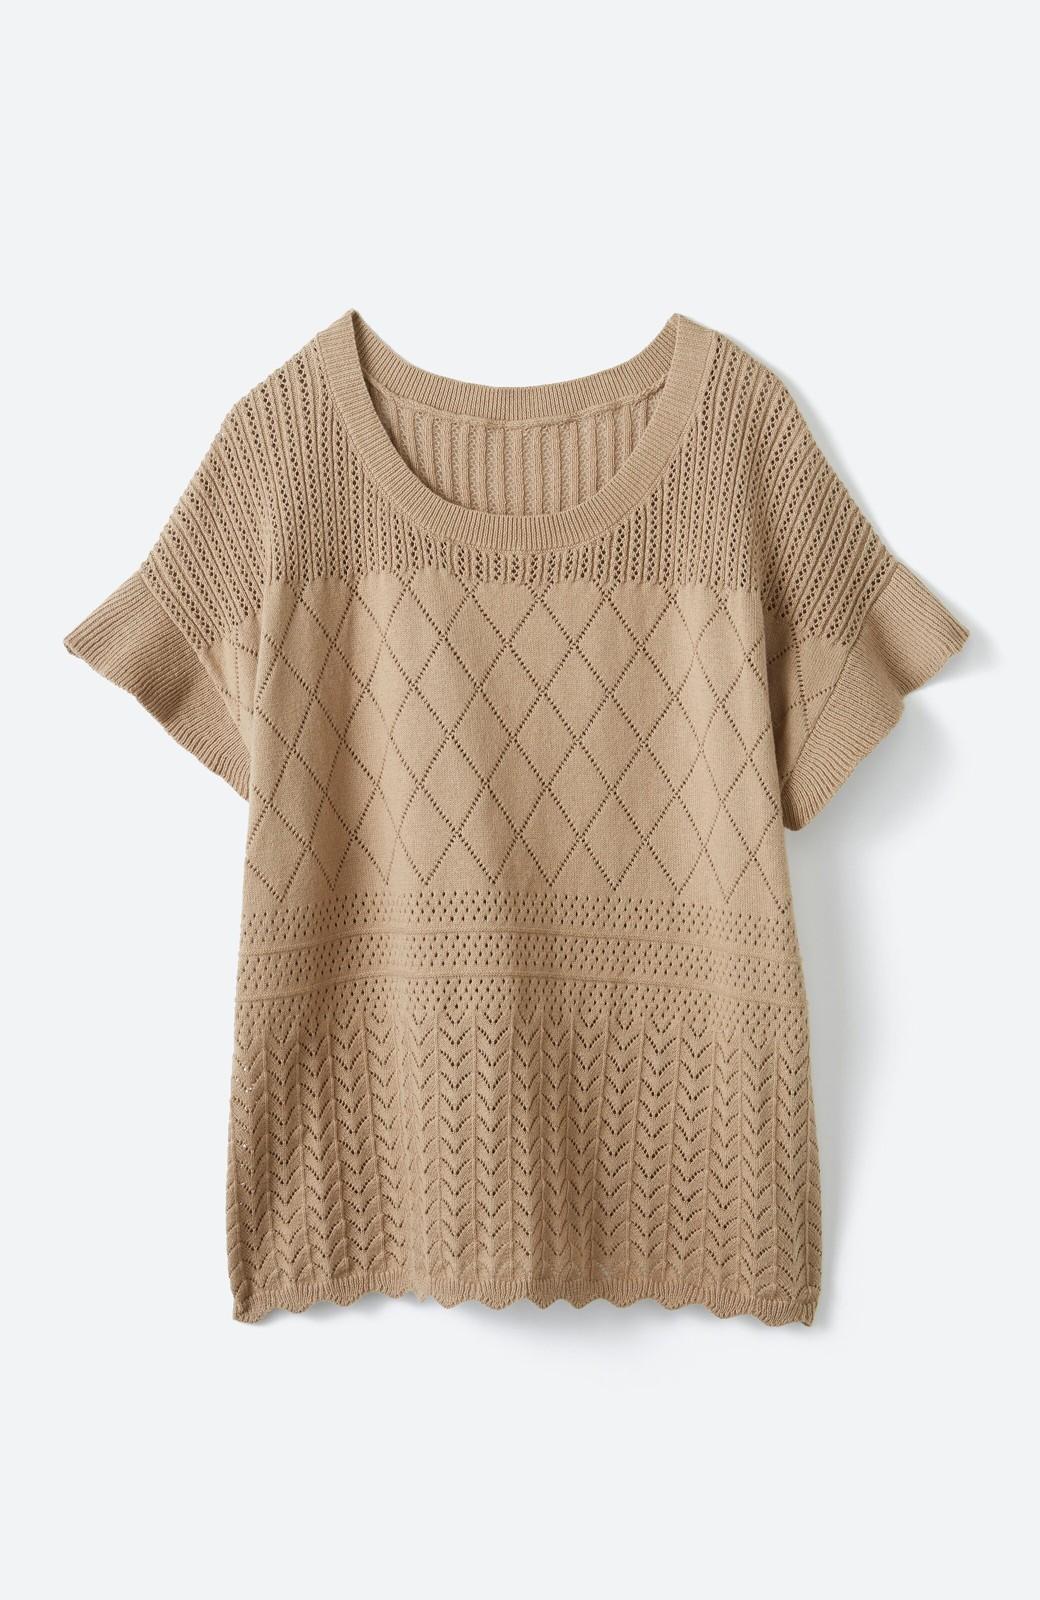 haco! (φ)透けすぎないから安心して着られる 華やか透かし編みニットトップス <カーキブラウン>の商品写真6